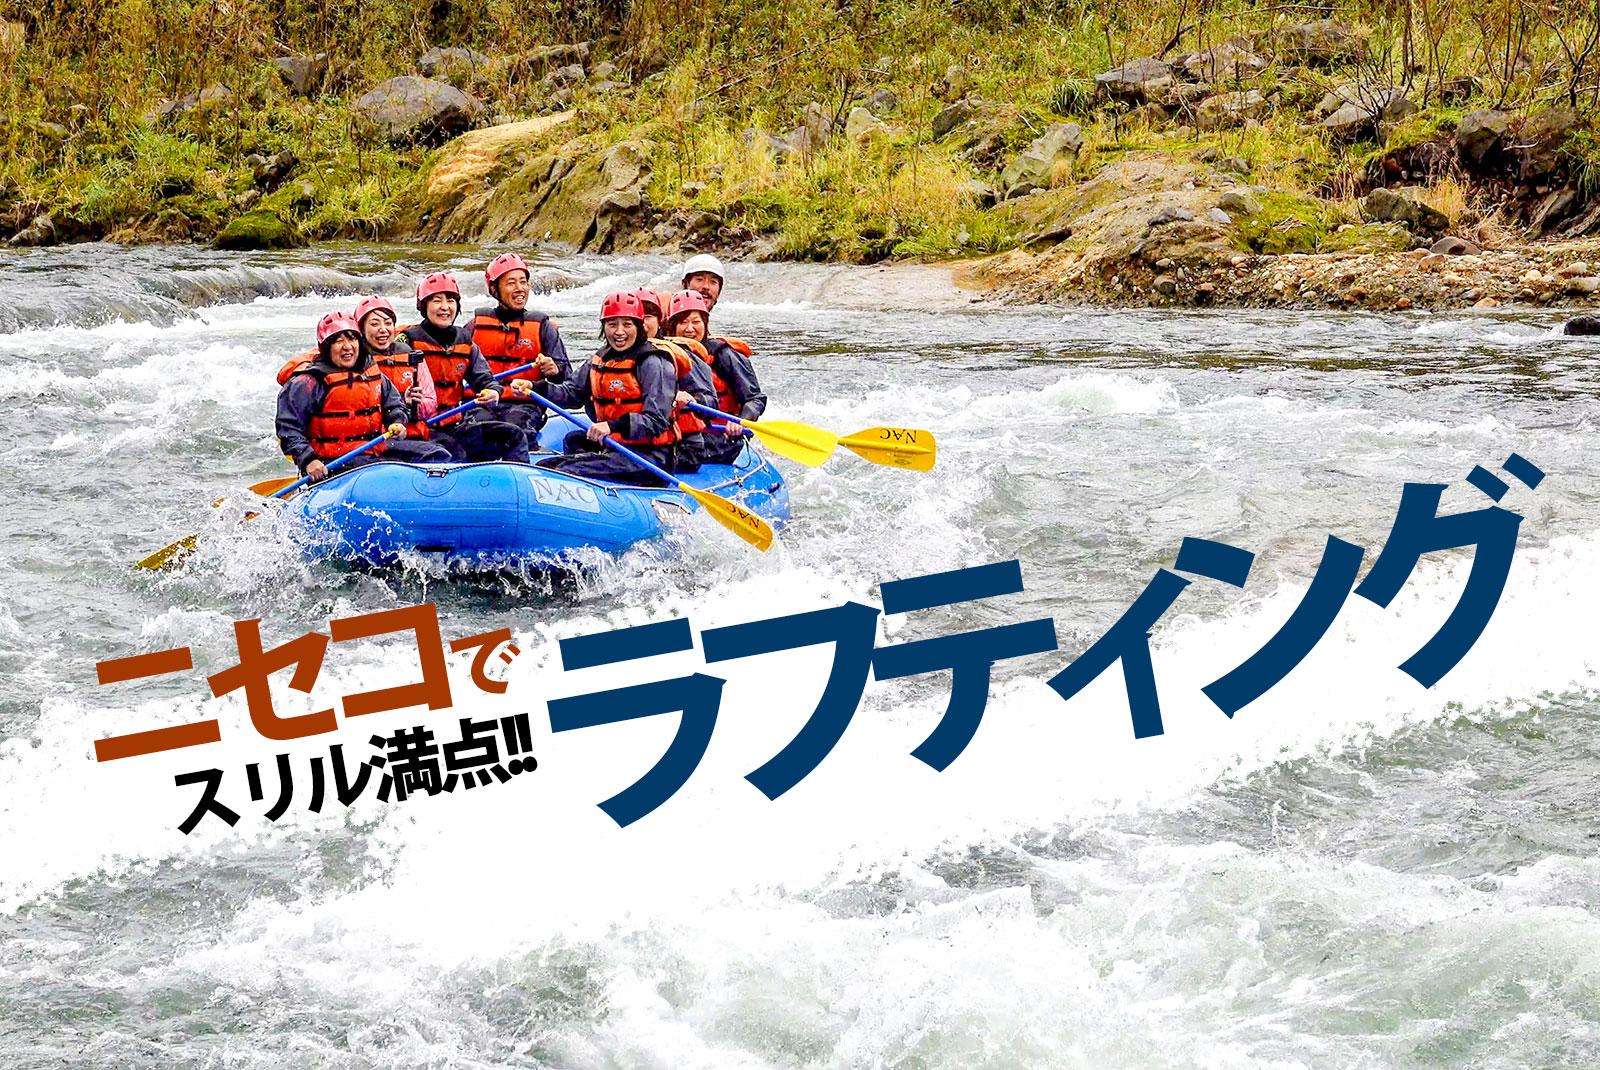 北海道で最初にラフティングを始めたニセコNACでドキドキ自然体験!